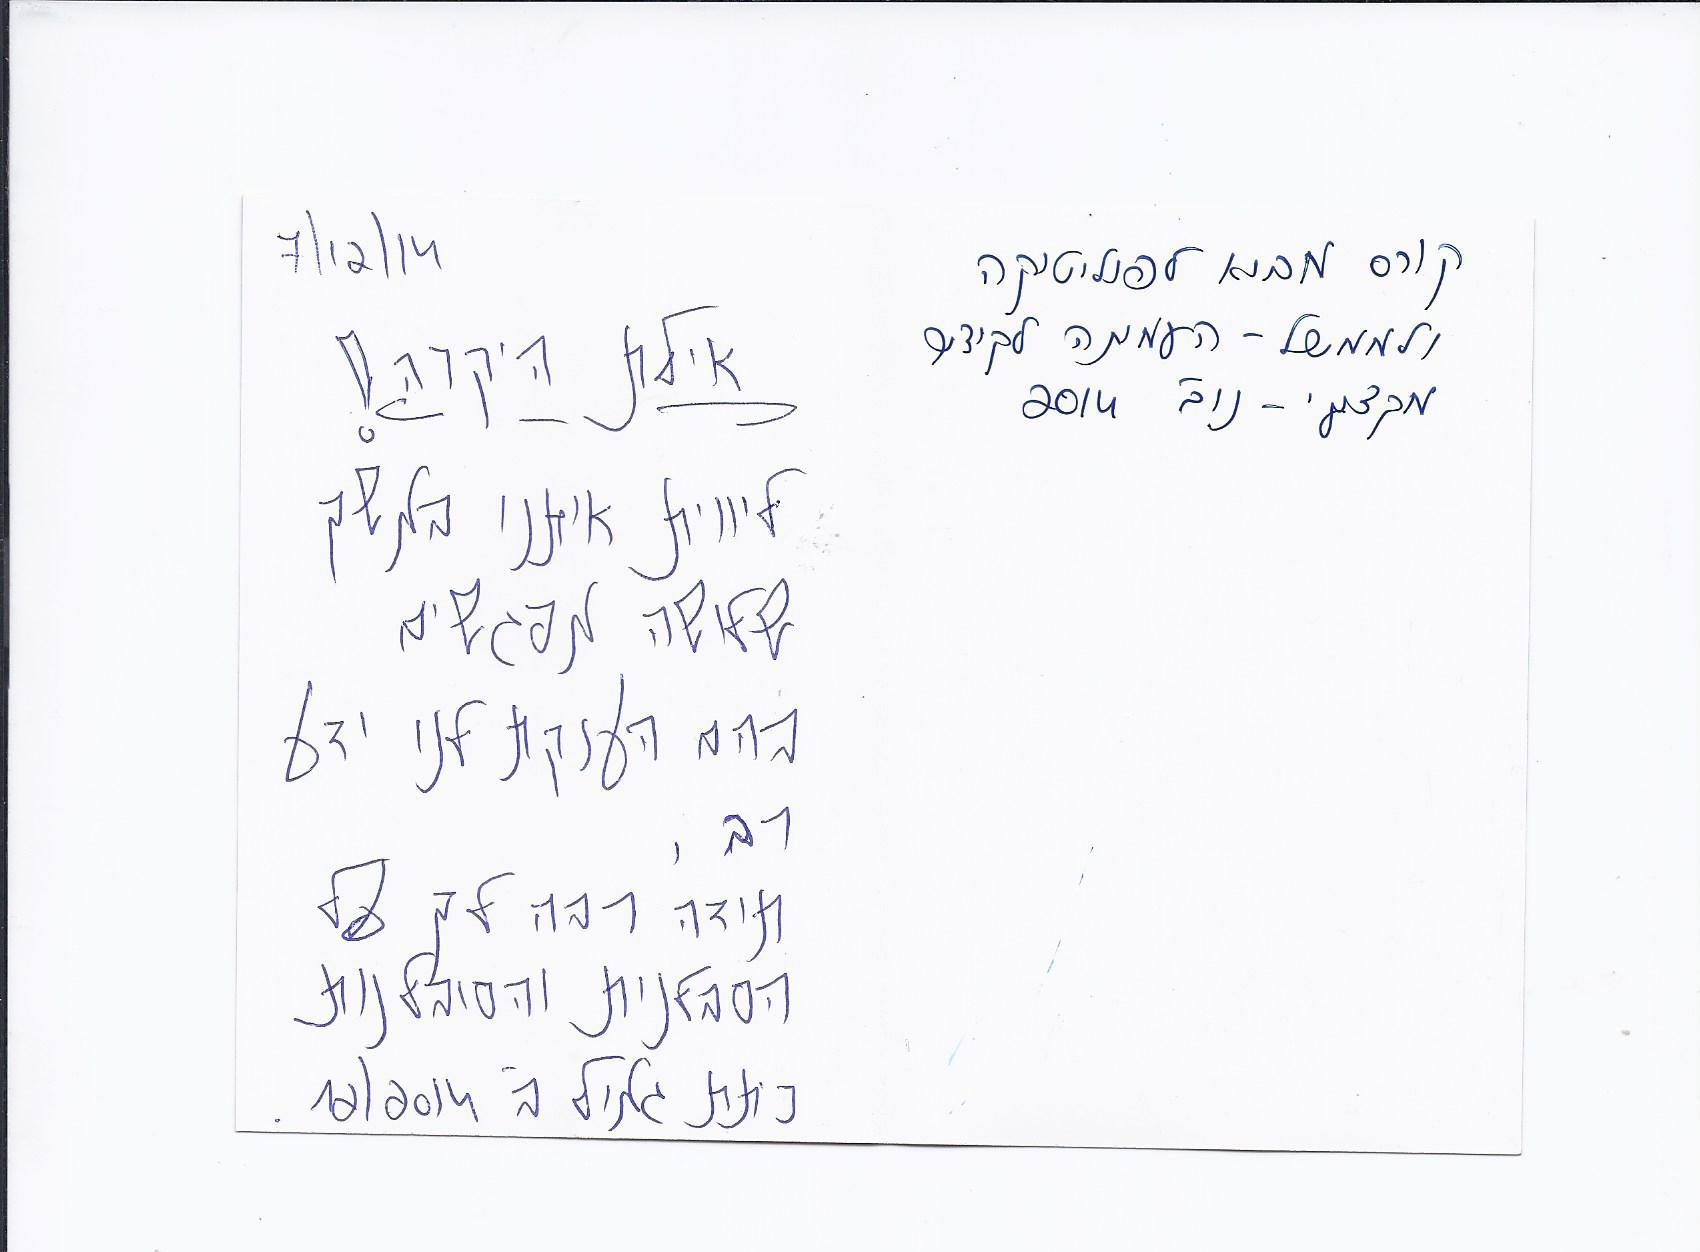 מכתב הערכה מבוא לפוליטיקה ולממשל בישראל נוב 2014.jpg